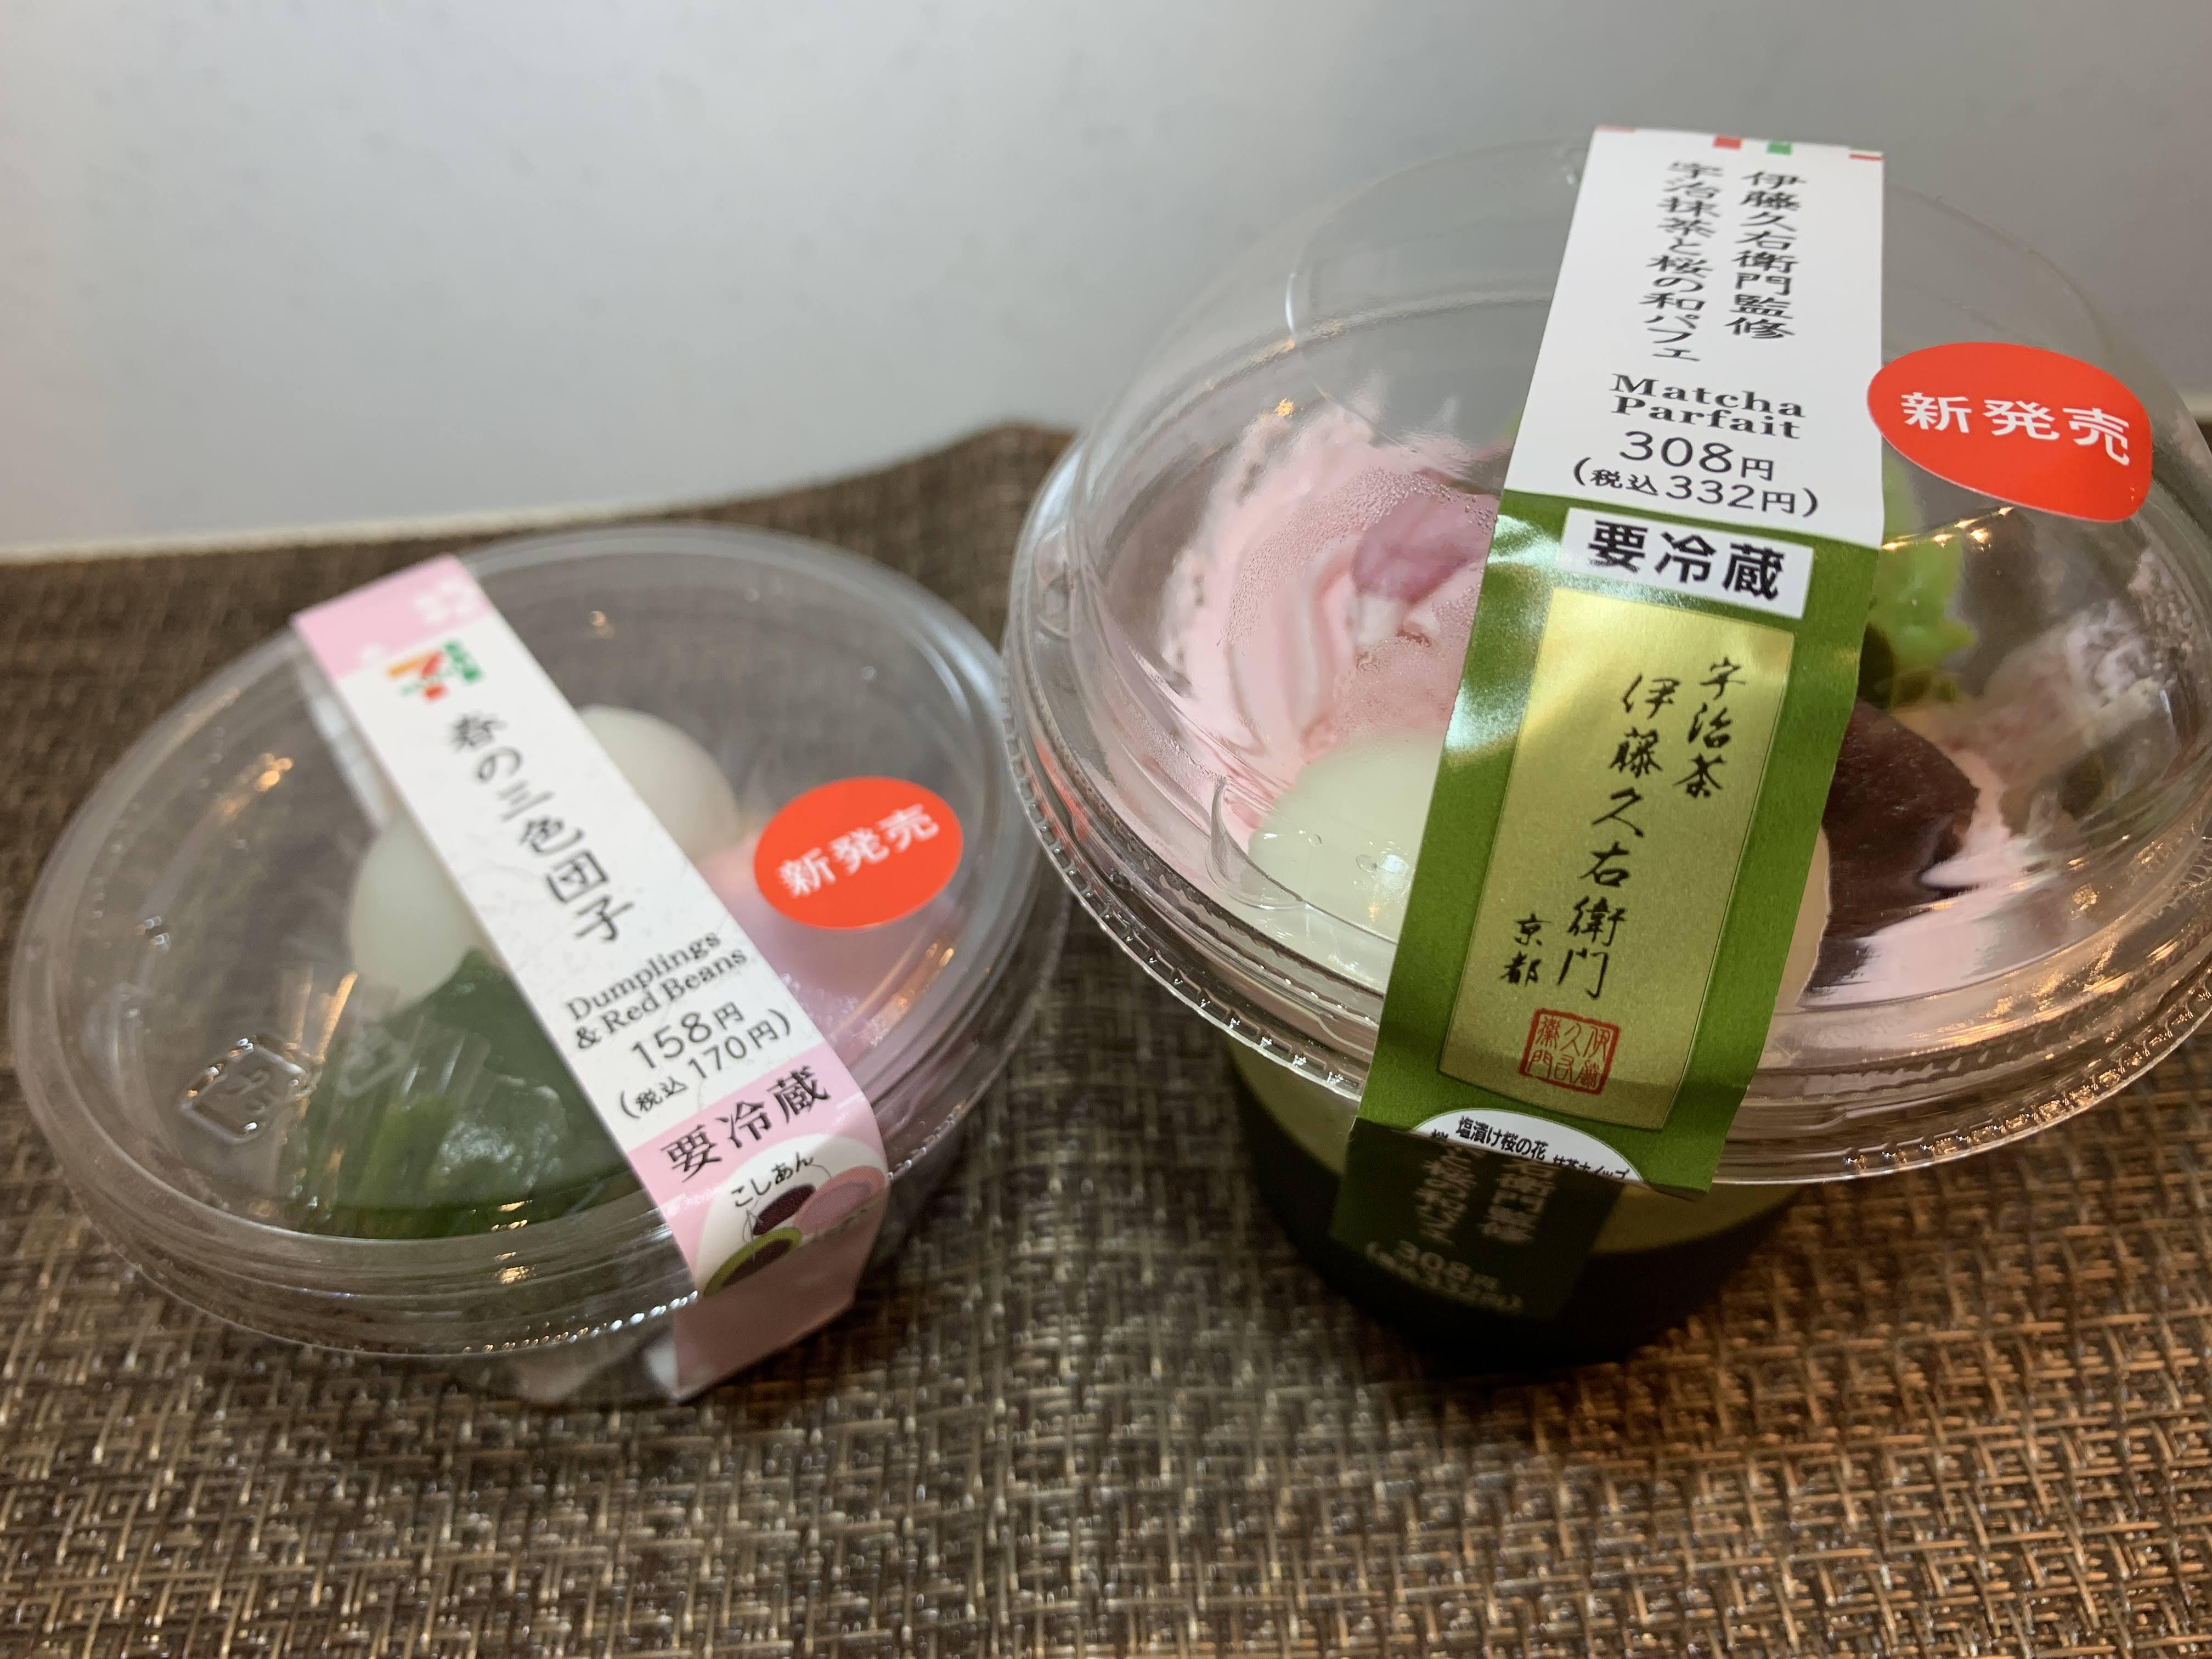 セブンの新作春のスイーツ:宇治抹茶と桜の和パフェ&春の三色団子の実食レビュー